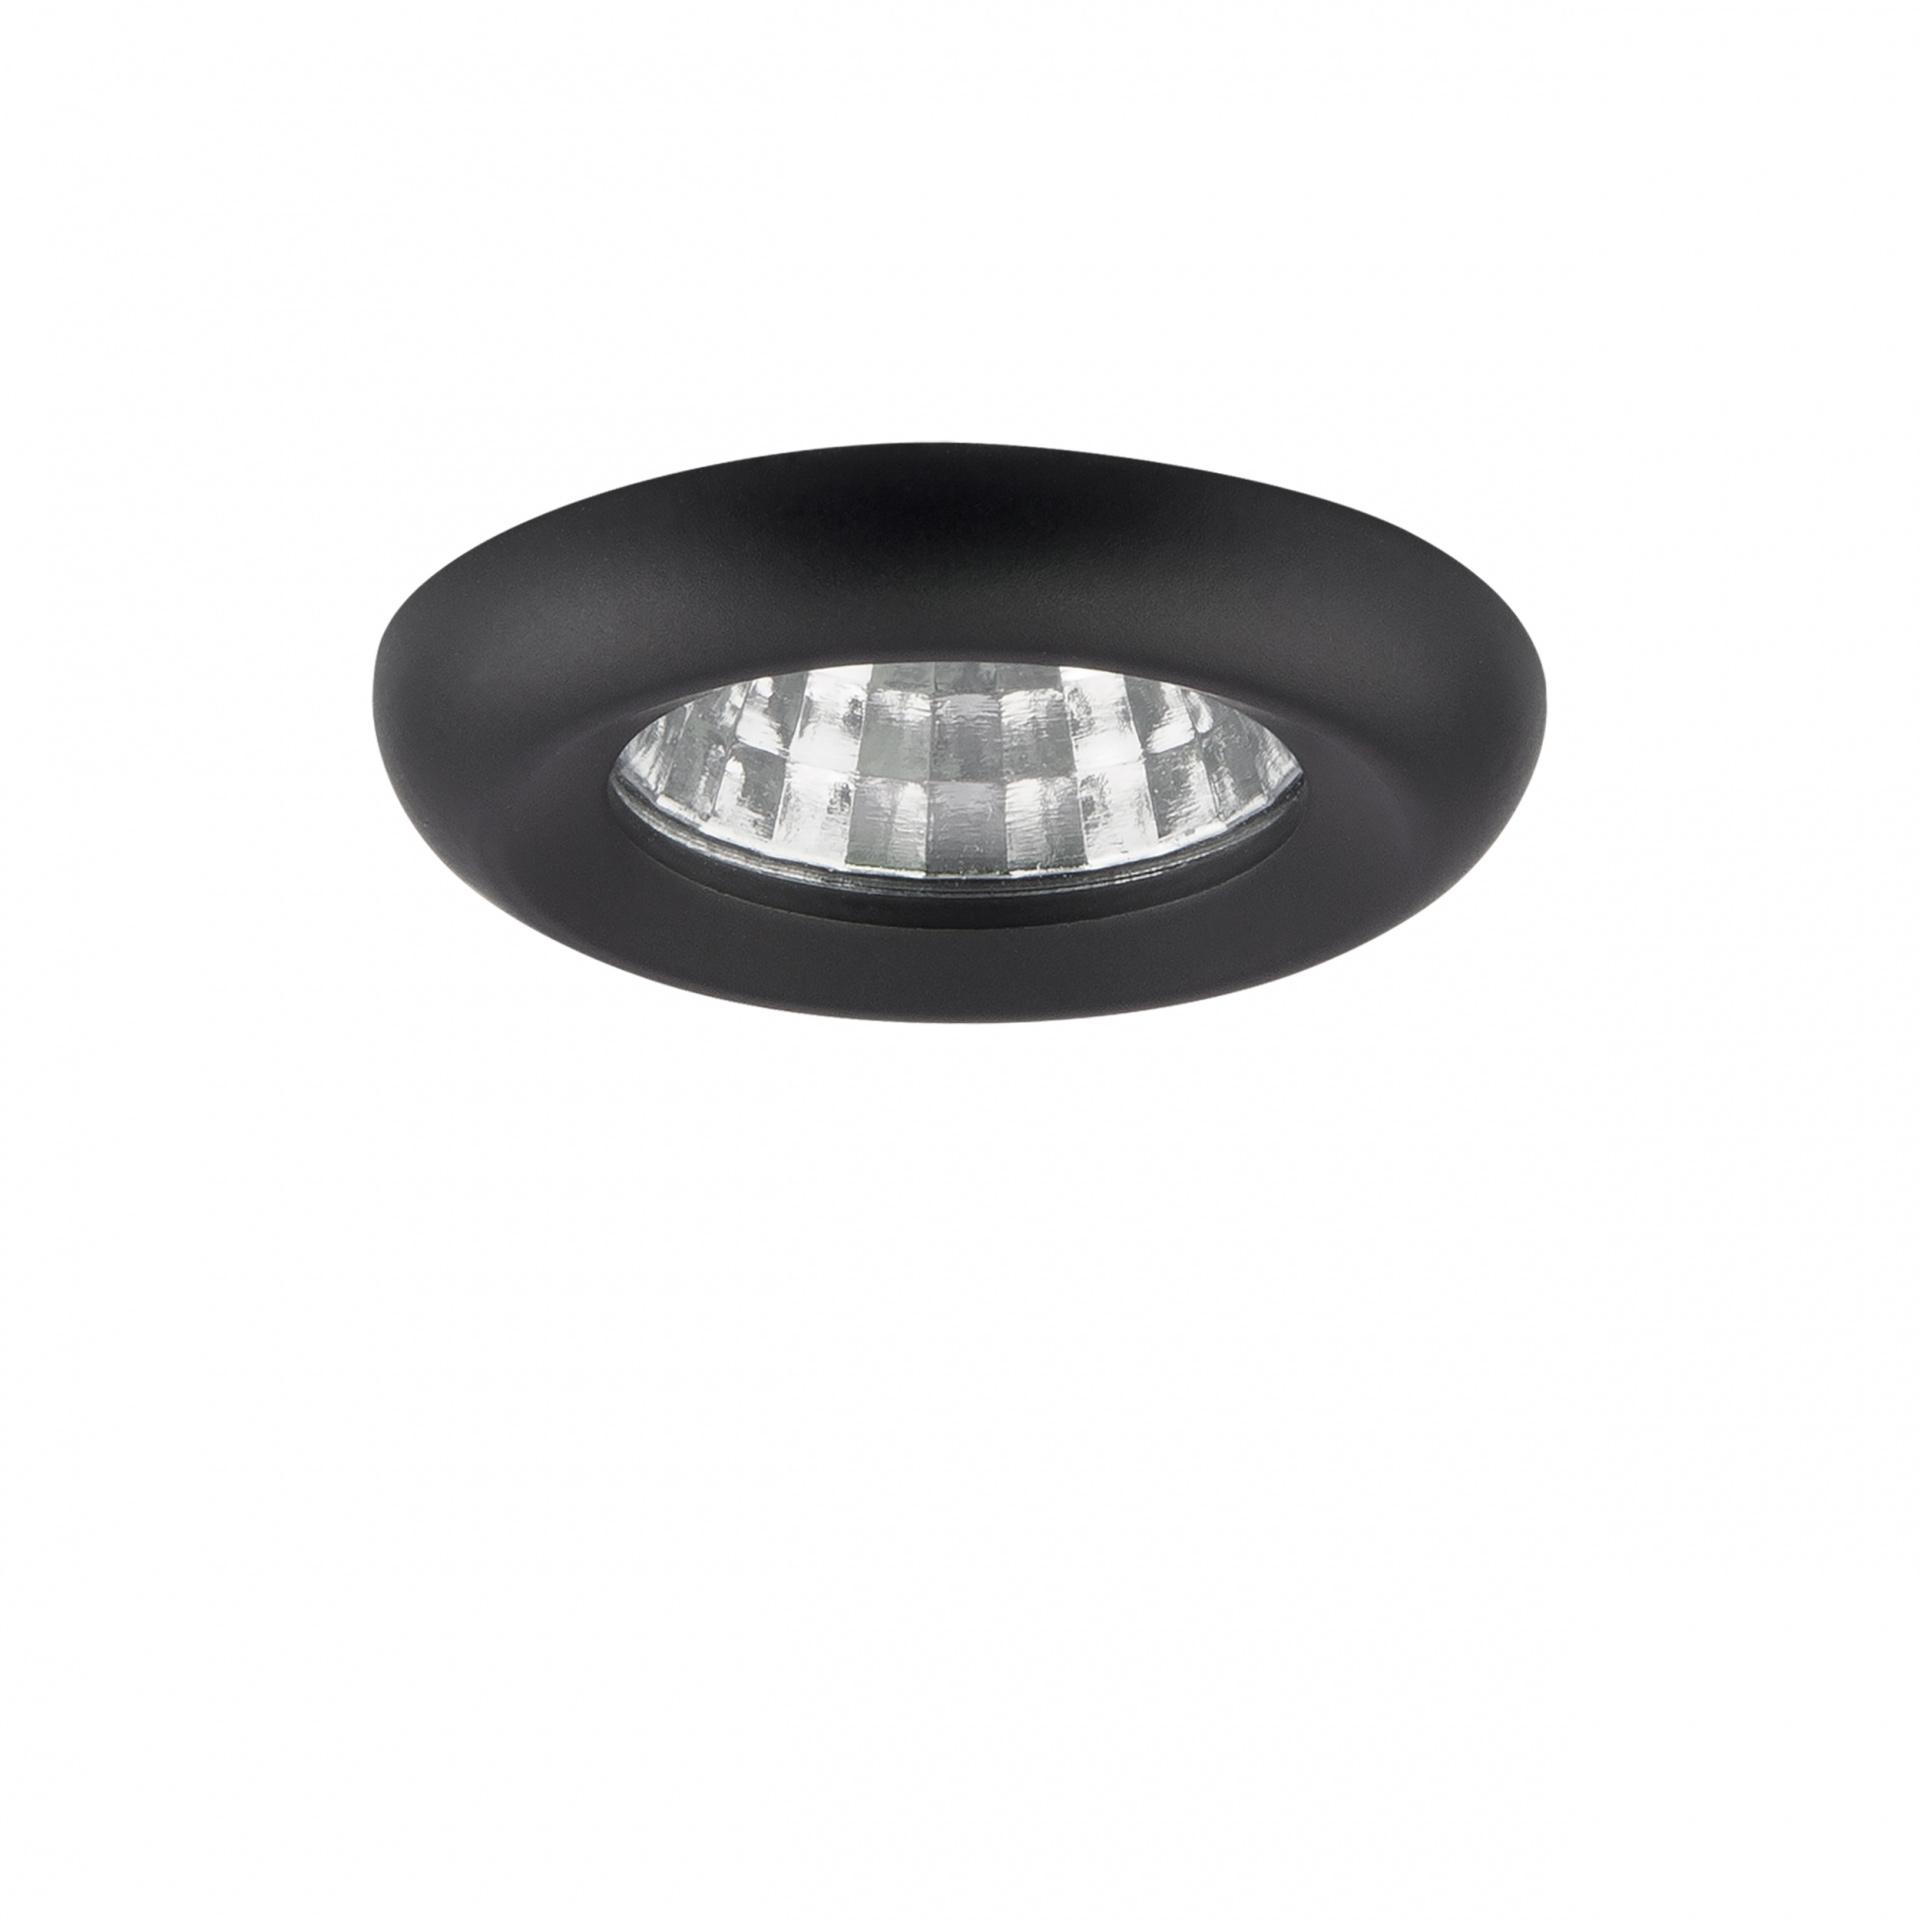 Светильник Monde LED 1W 80LM 18G черный 4000K Lightstar 071117, купить в СПб, Москве, с доставкой, Санкт-Петербург, интернет-магазин люстр и светильников Starlight, фото в жизни